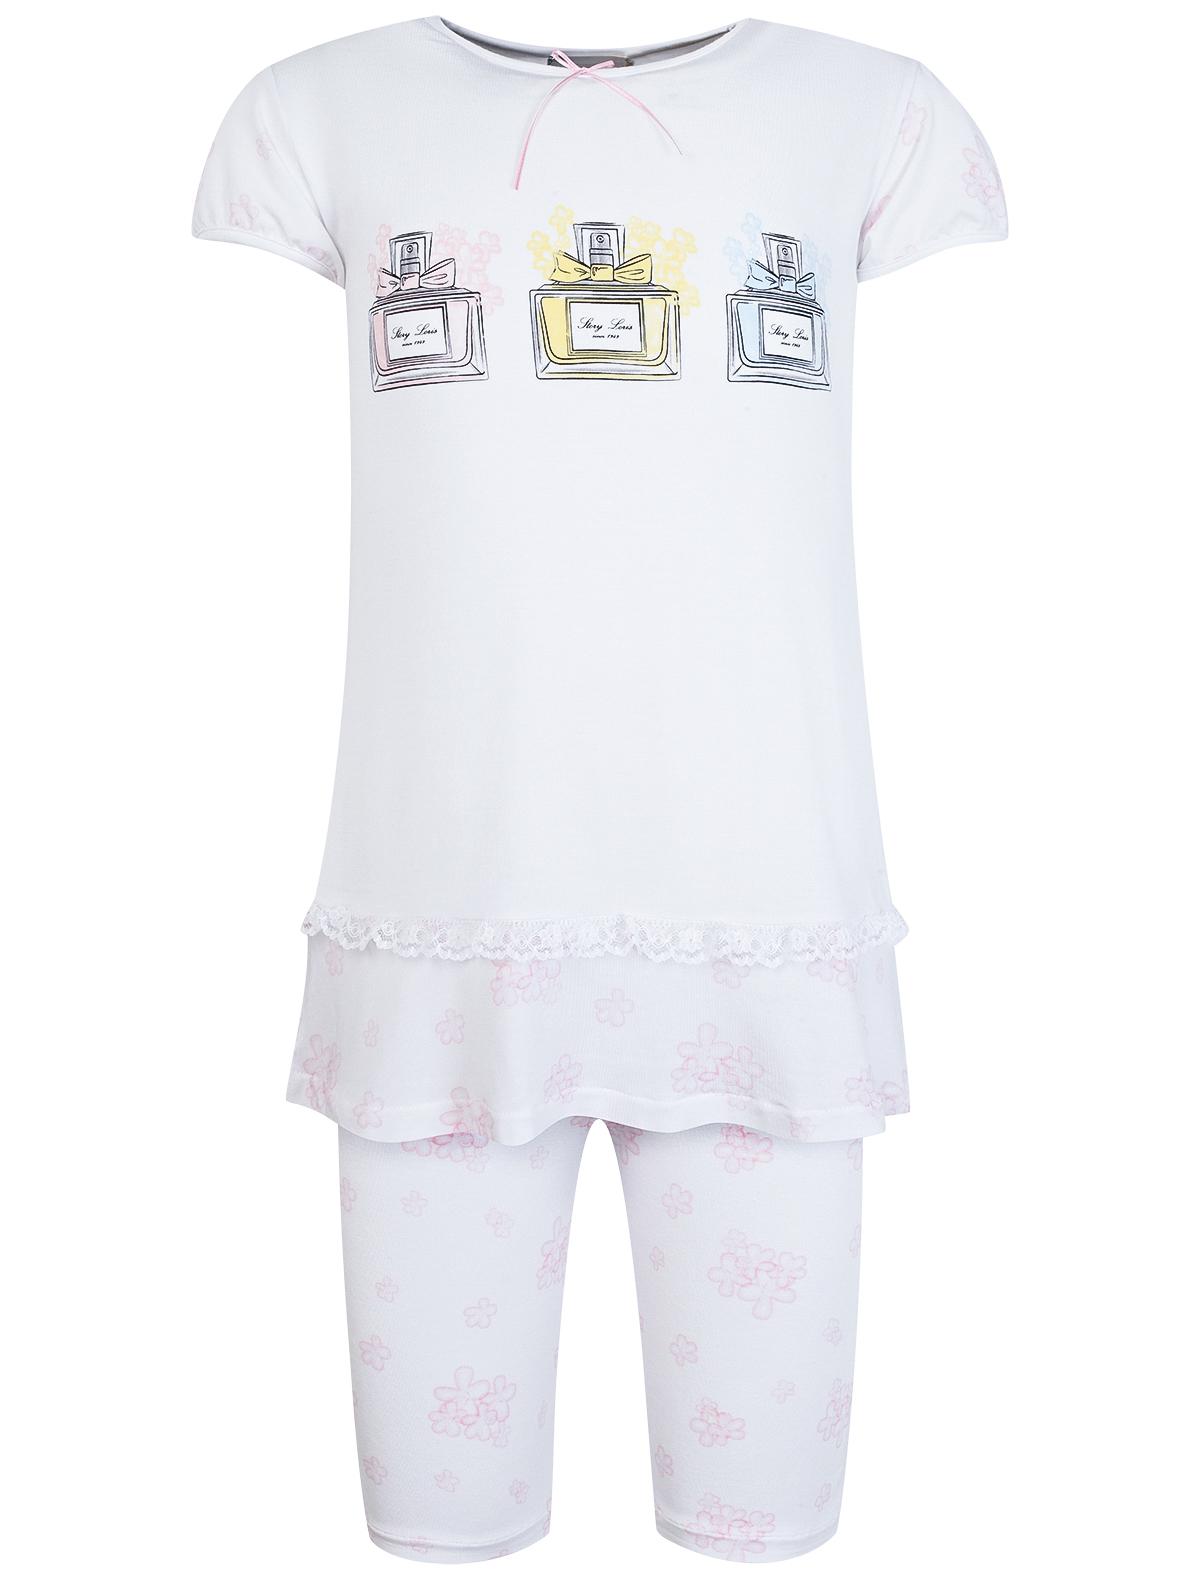 Купить 1995540, Пижама Story Loris, белый, Женский, 0211209970579